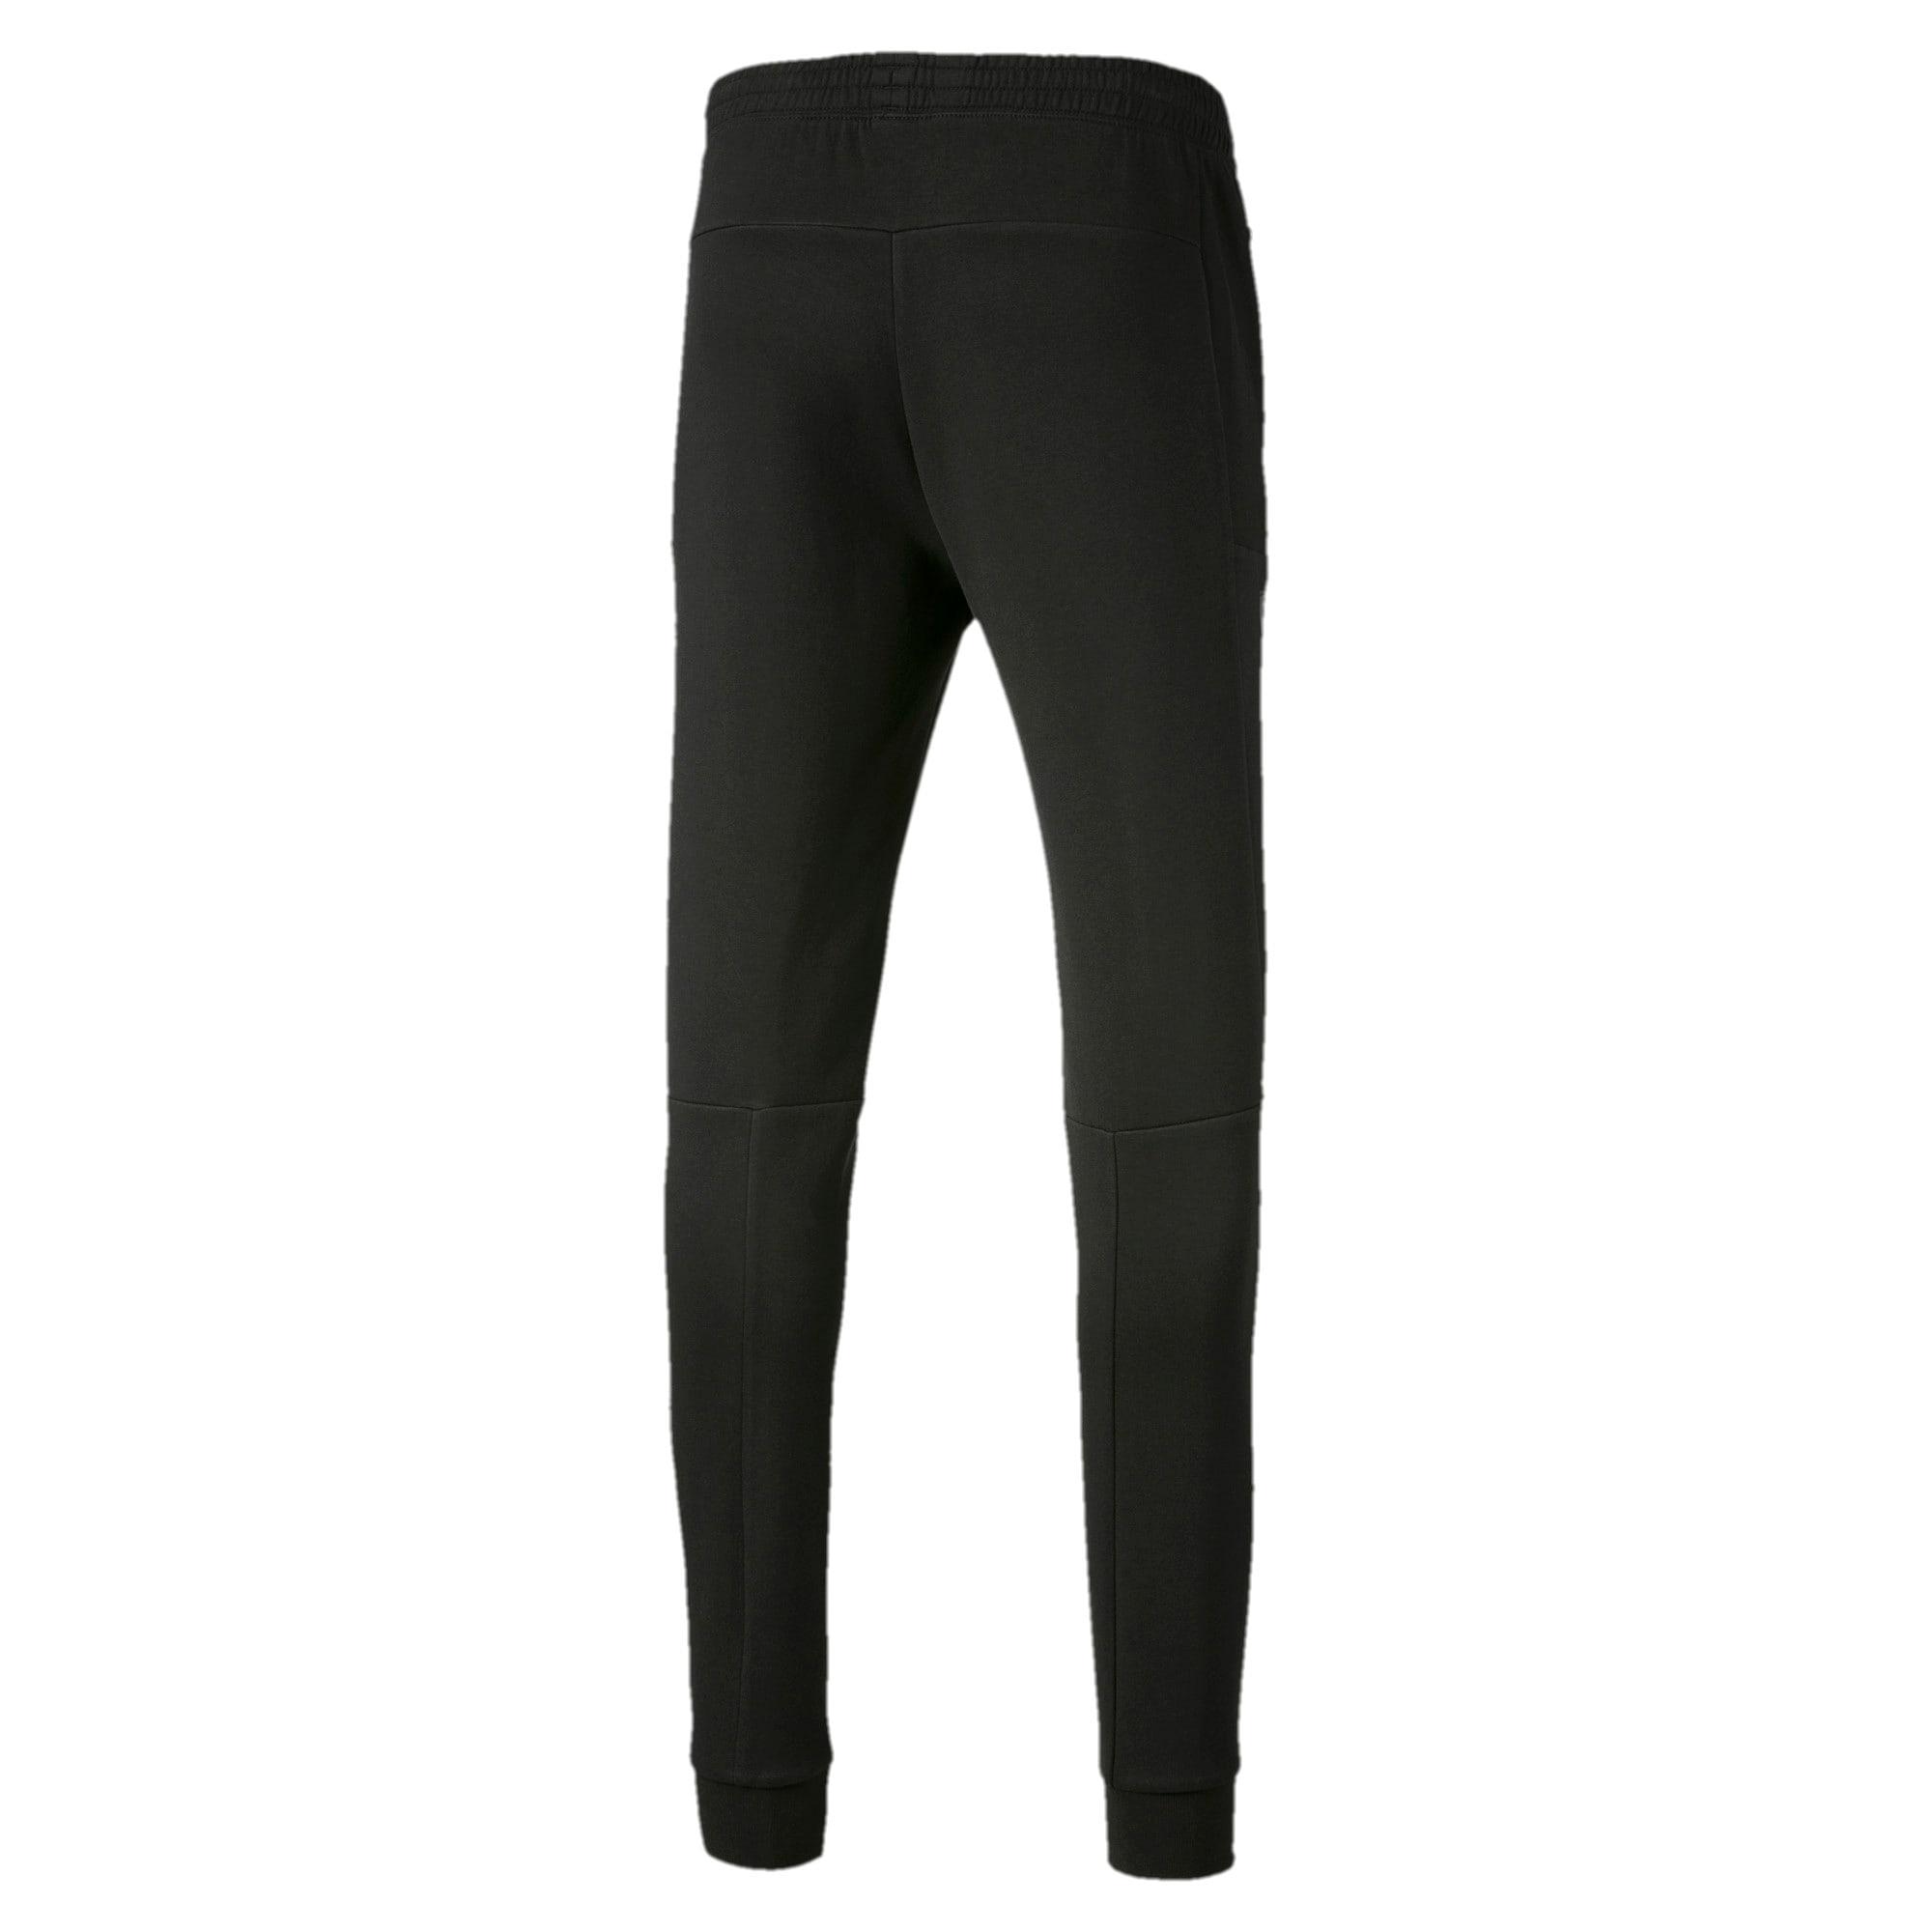 Miniatura 2 de Pantalones deportivos Ferrari para hombre, Puma Black, mediano